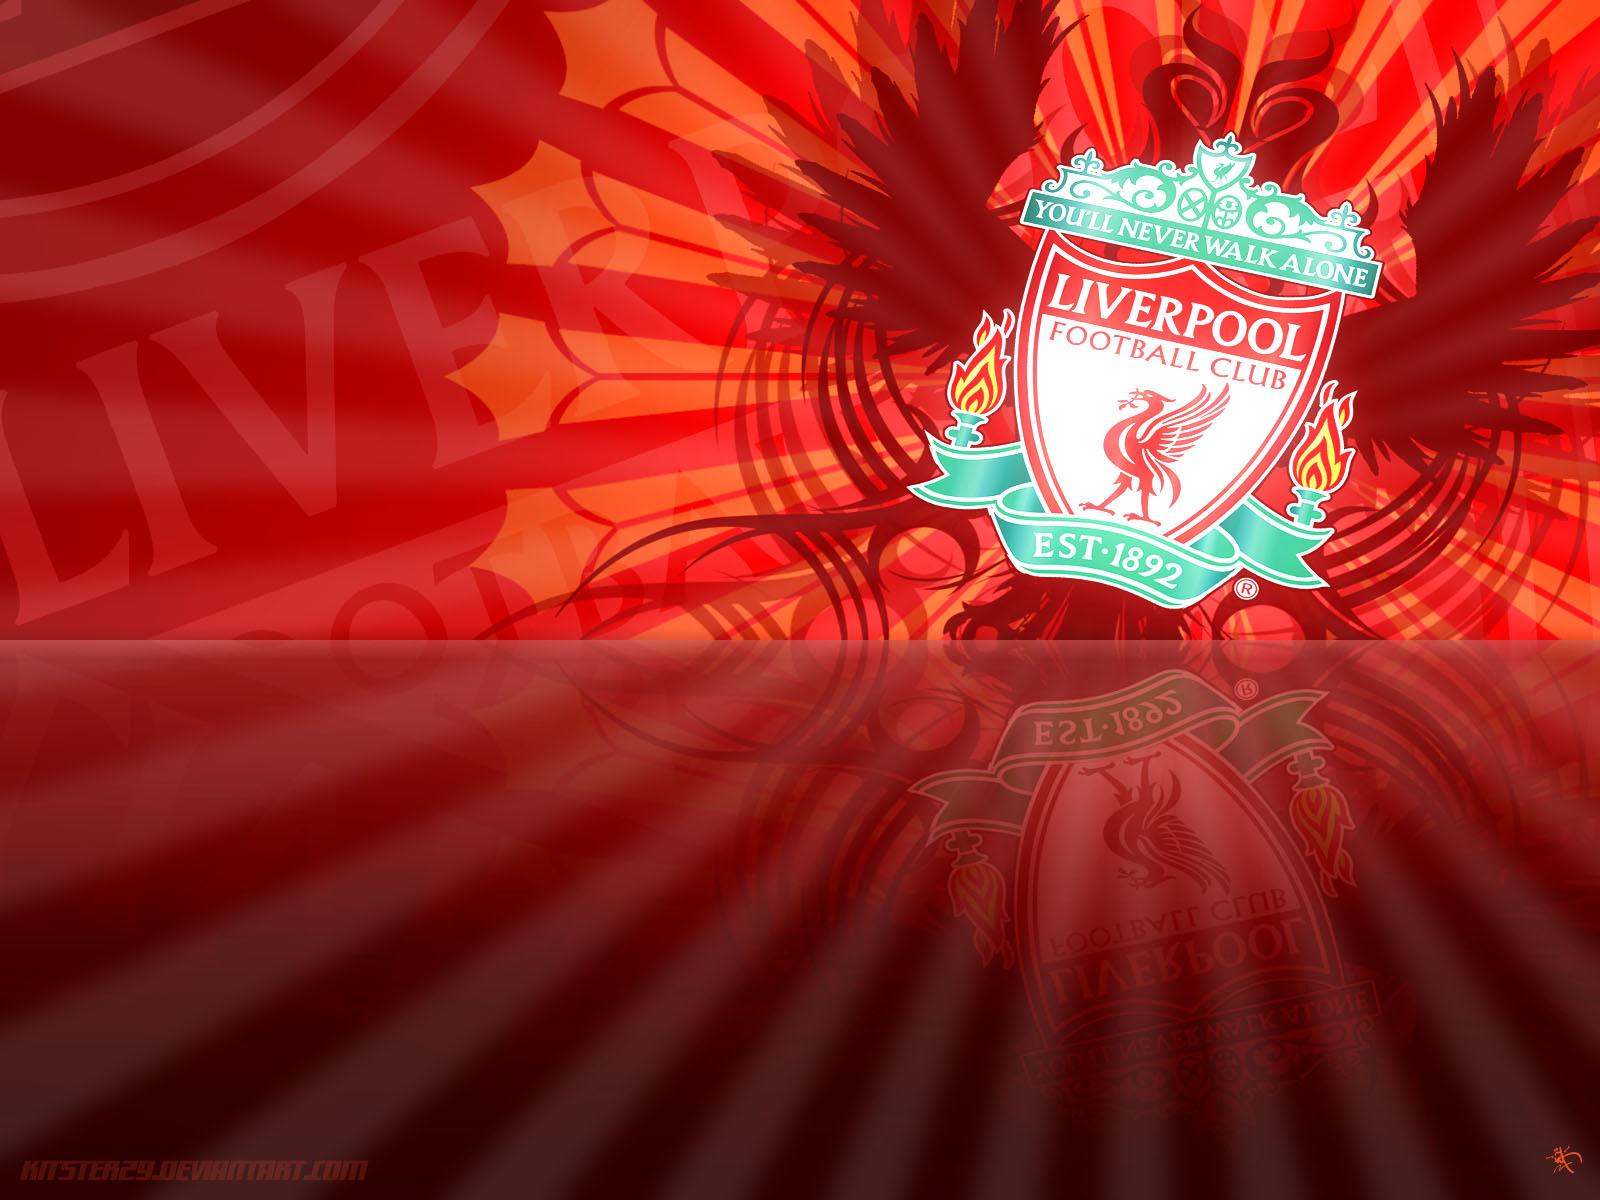 http://4.bp.blogspot.com/-3HGhbl_4WLw/TjU_bSOxTqI/AAAAAAAAAAM/nQ9UgjMQjLc/s1600/Liverpool_Glow_Wallpaper_by_kitster29.jpg